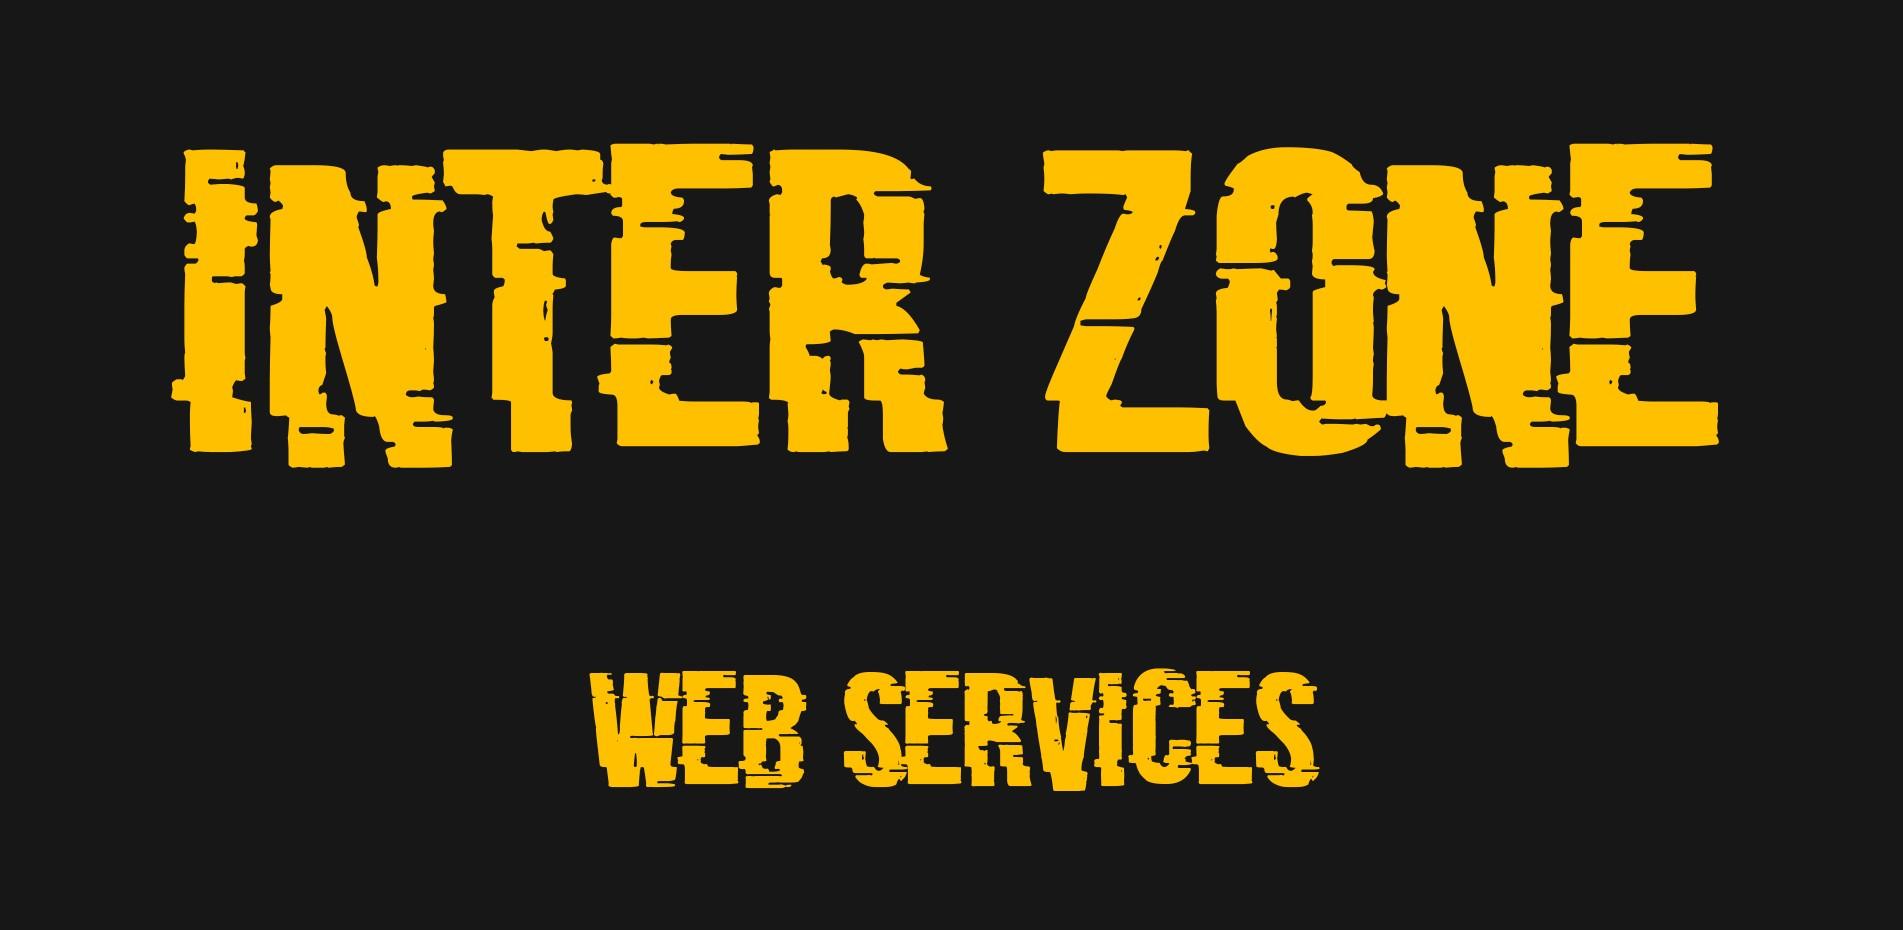 INTER ZONE - Web Services